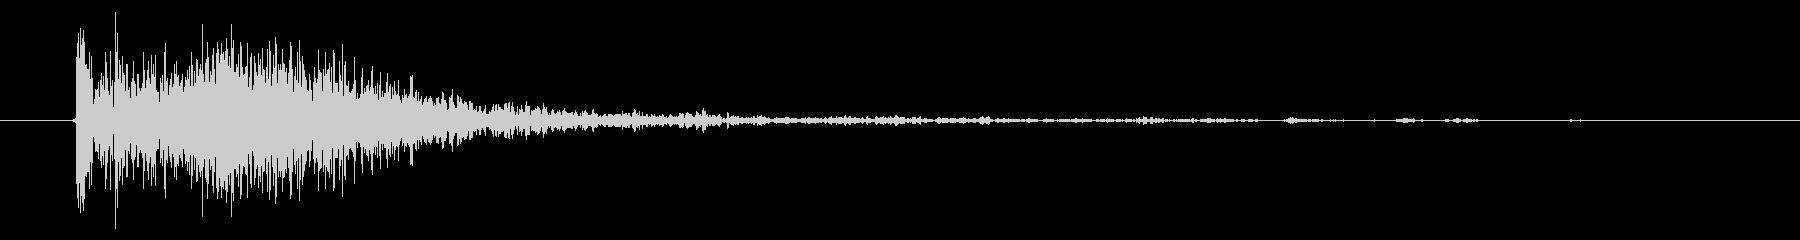 雑 ダートメタル01の未再生の波形